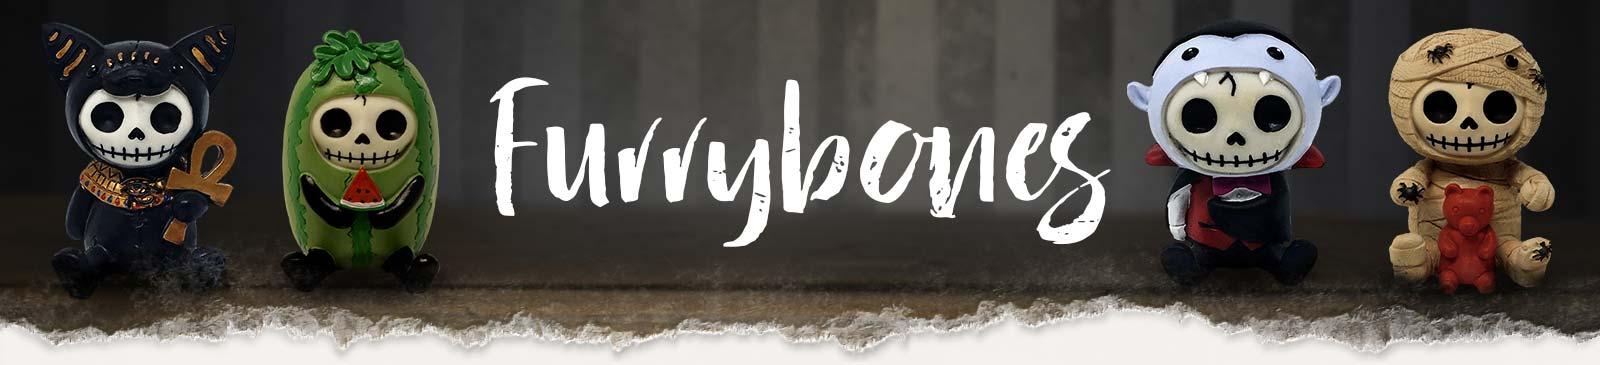 Furrybones